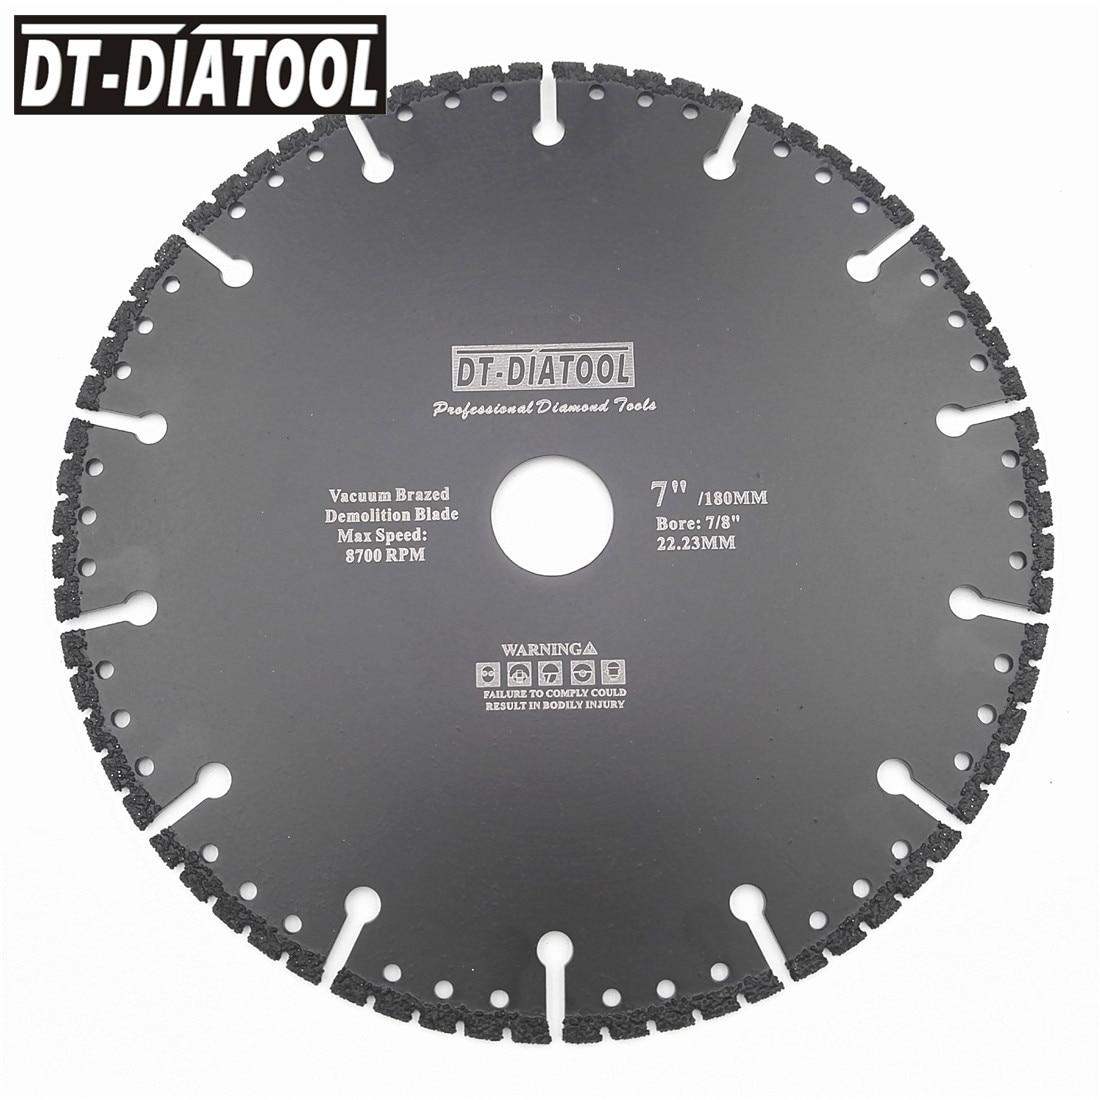 DT-DIATOOL 1pc Vacuum Brazed Diamond cutting disc for multi Purpose for Rebar aluminum hard granite rescue saw blade 4.5-9